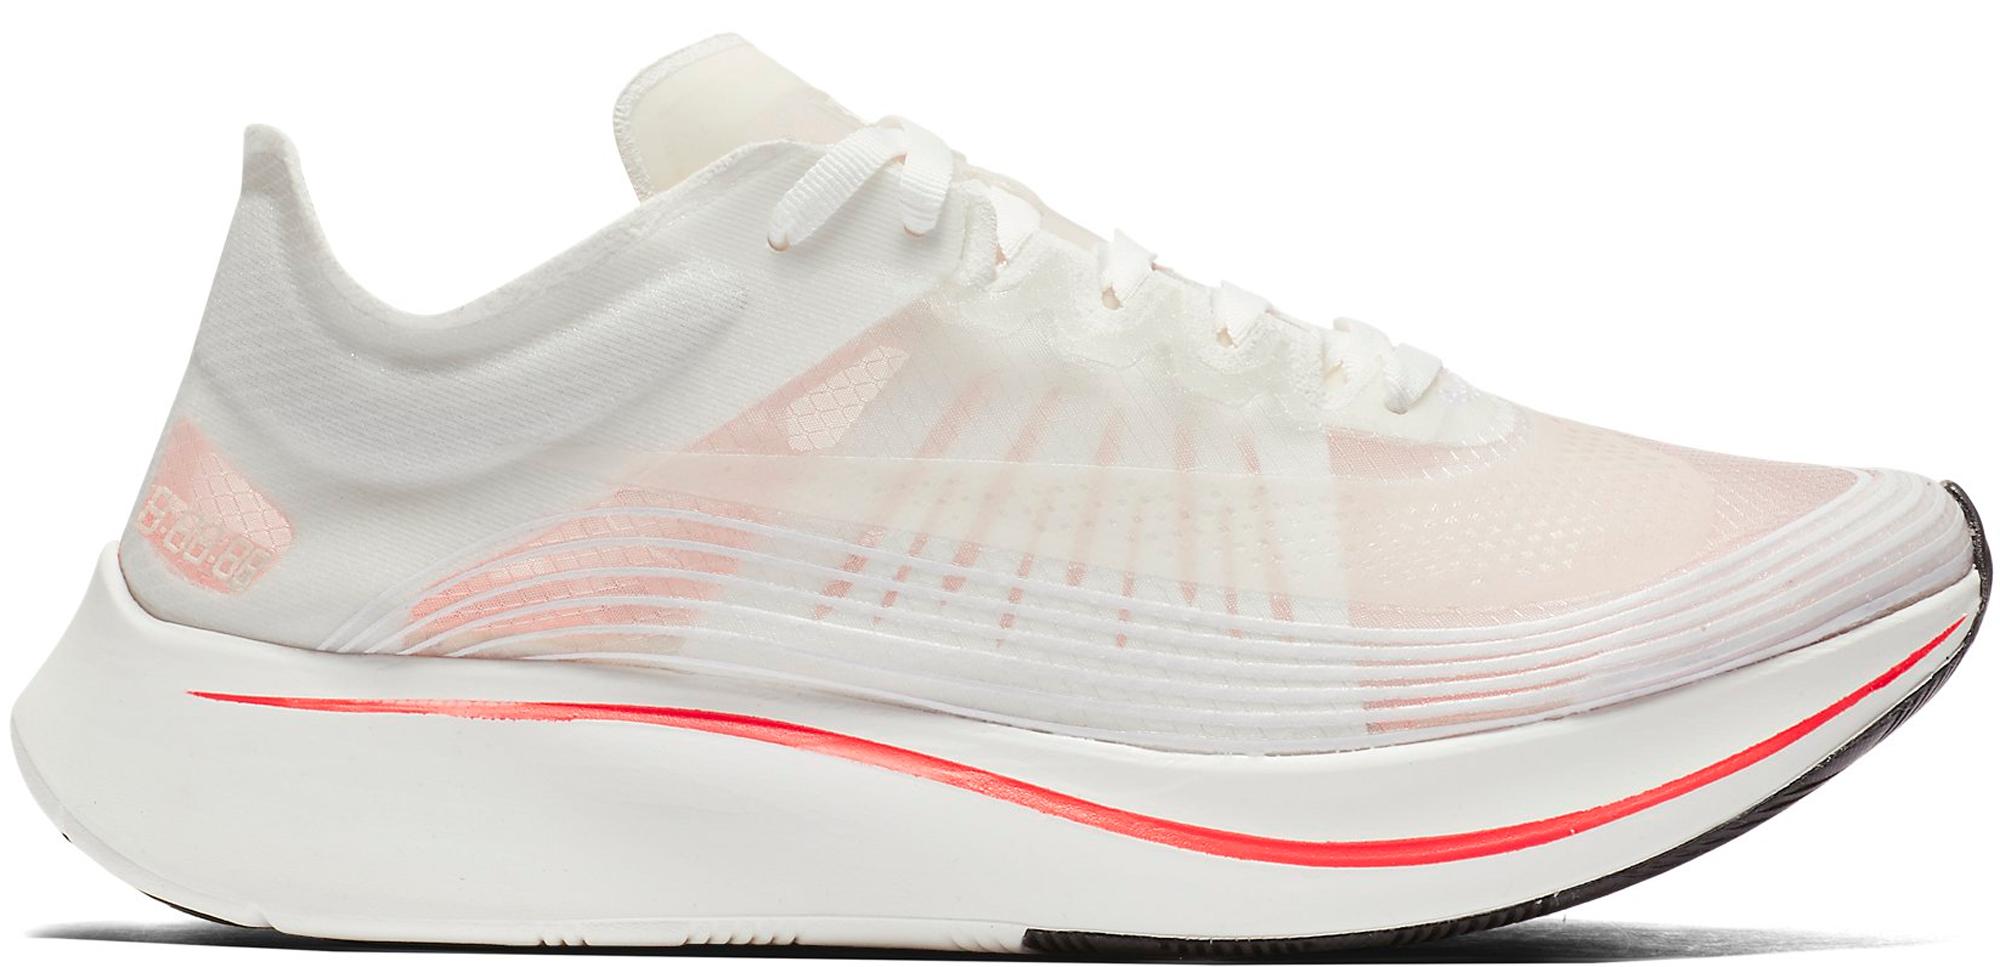 Nike Zoom Fly SP Breaking 2 2018 (W